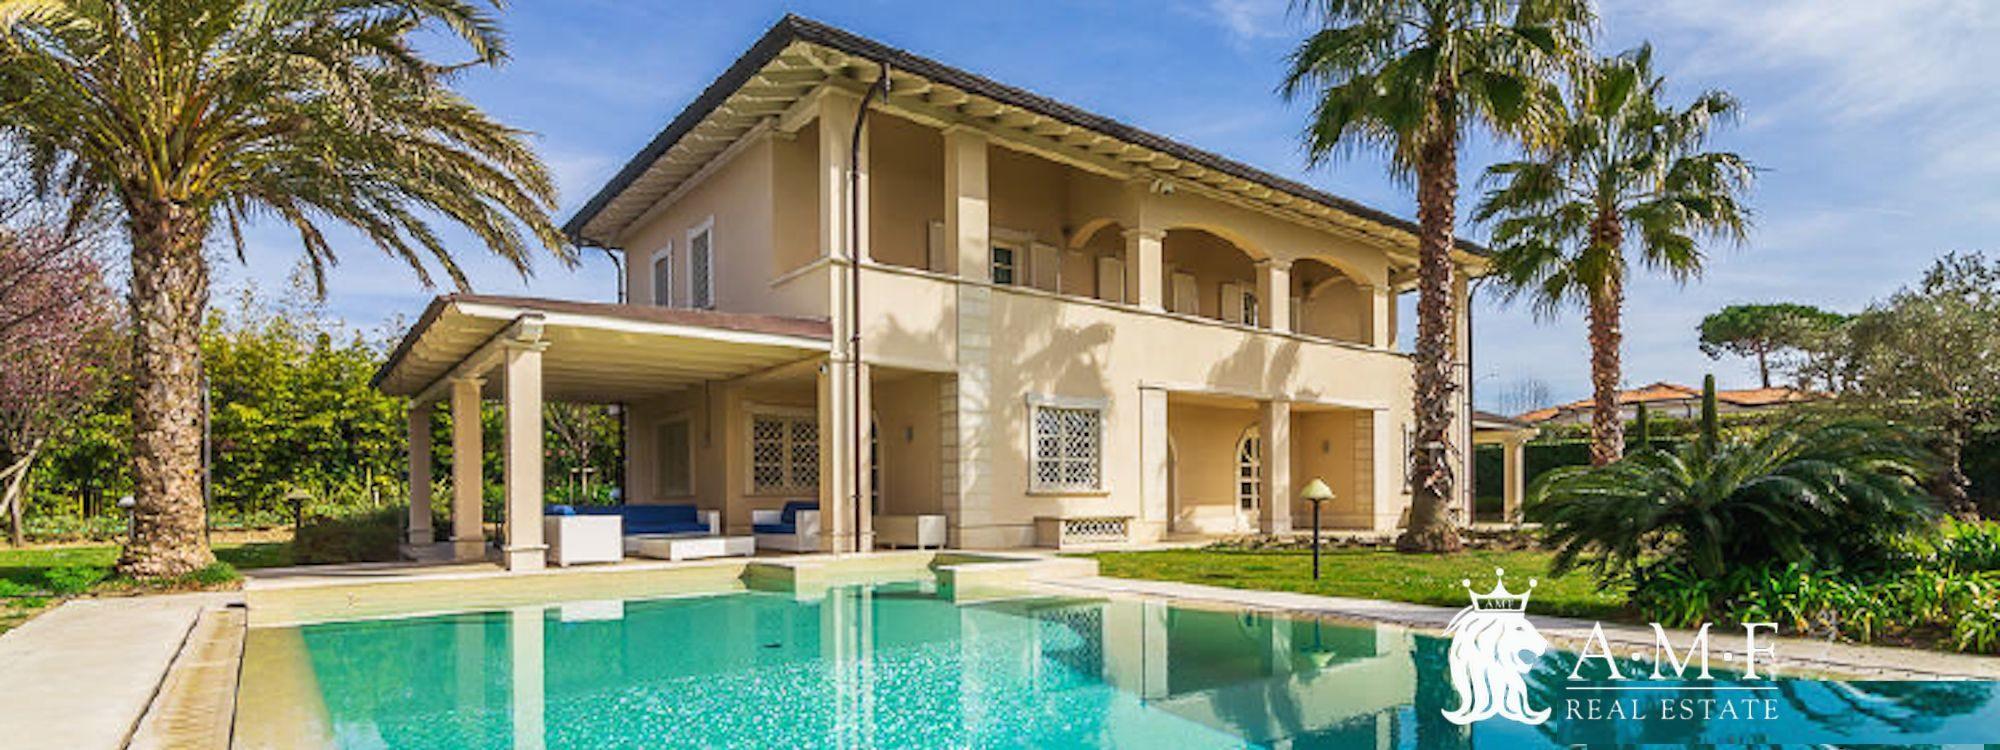 V19140-FDM Villa for Sale Forte dei Marmi